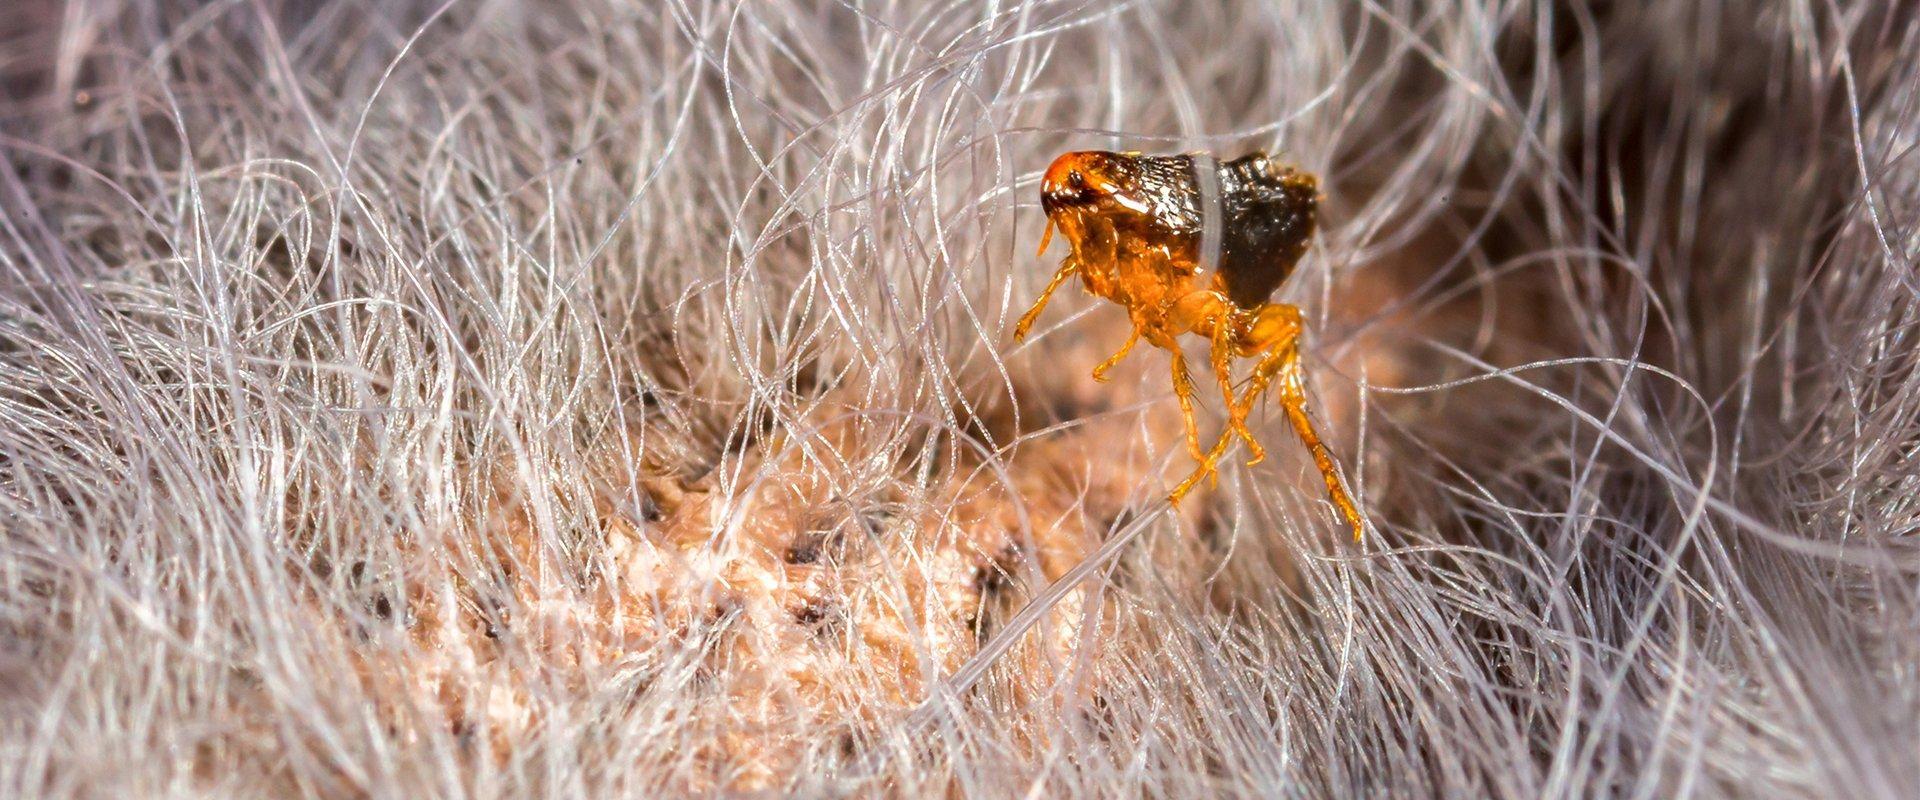 a flea on a cat